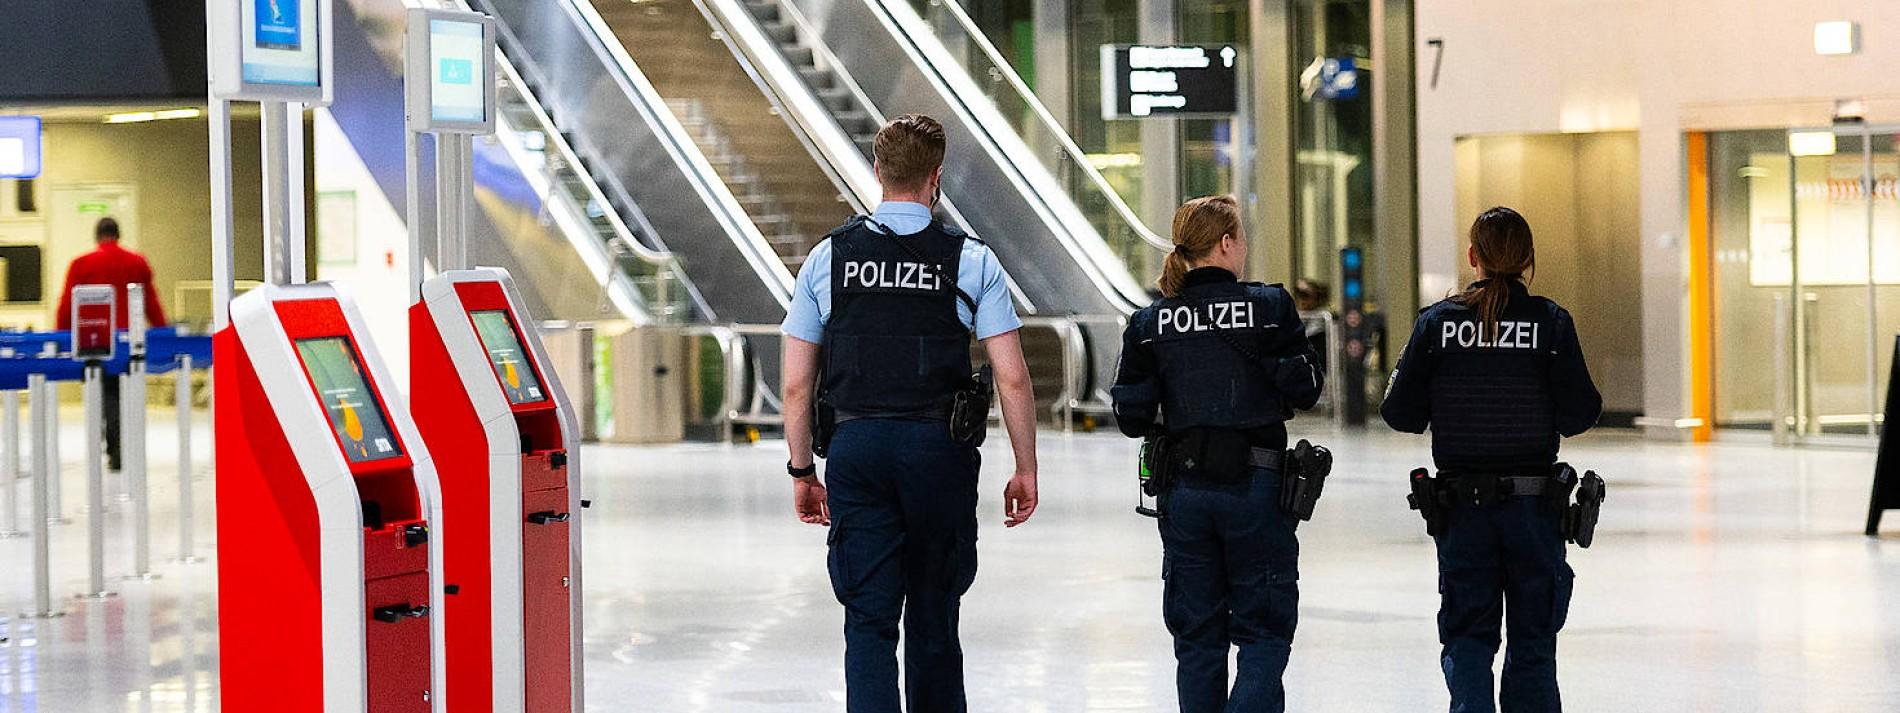 Frankfurter Flughafen nach Bombendrohung evakuiert